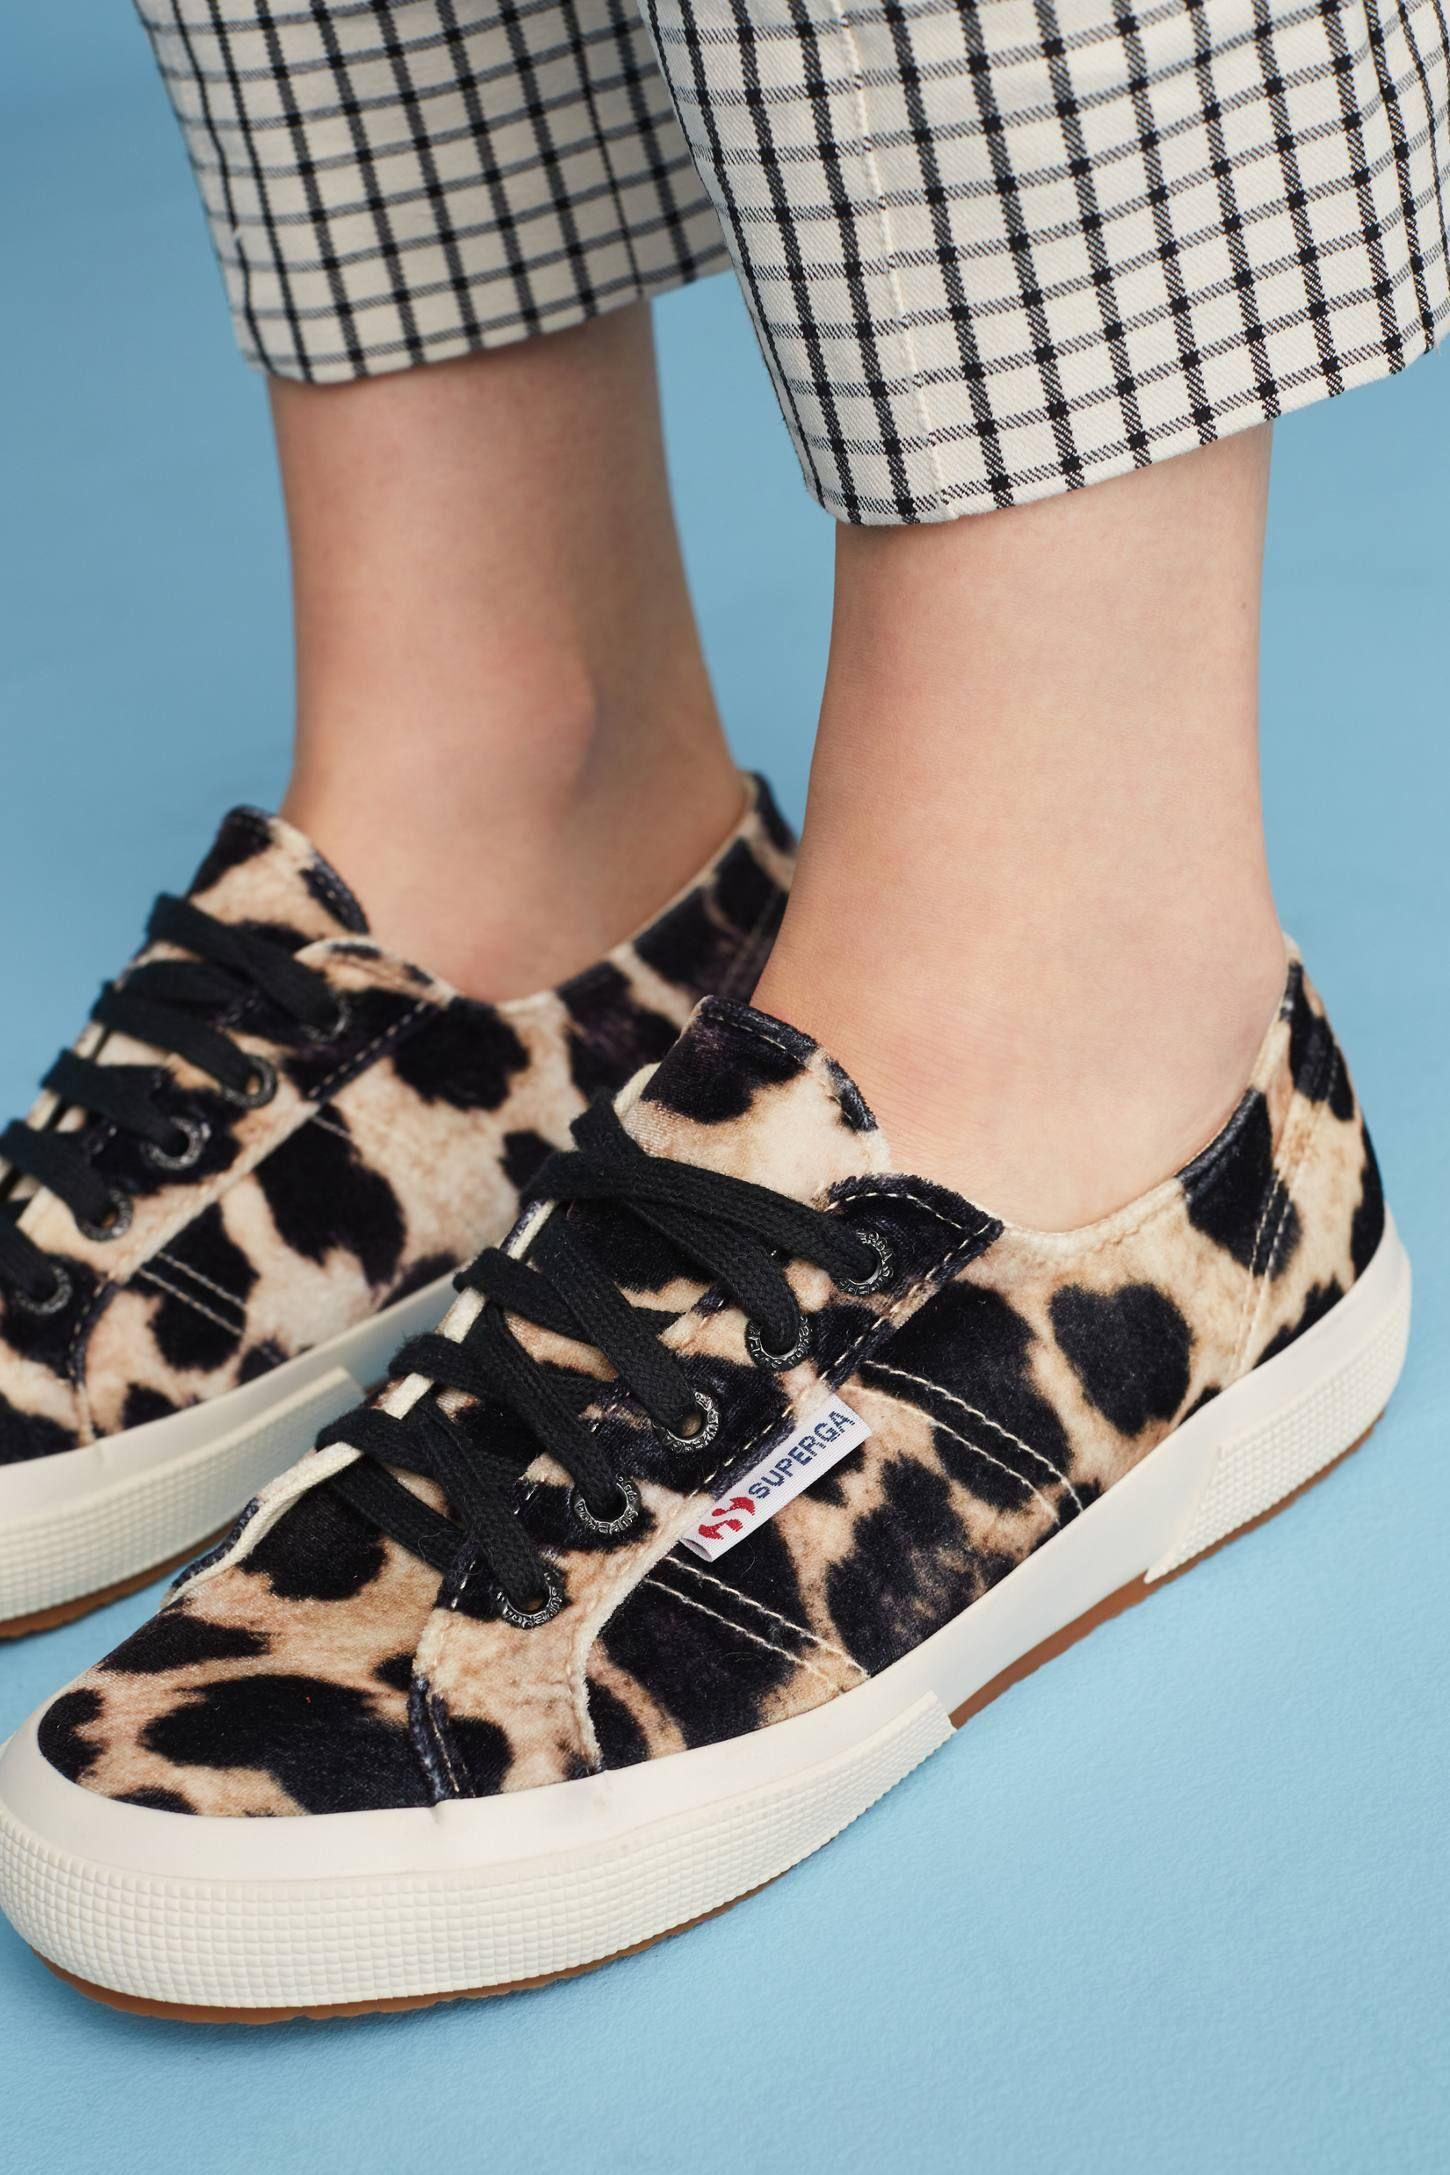 Velvet sneakers, Superga velvet